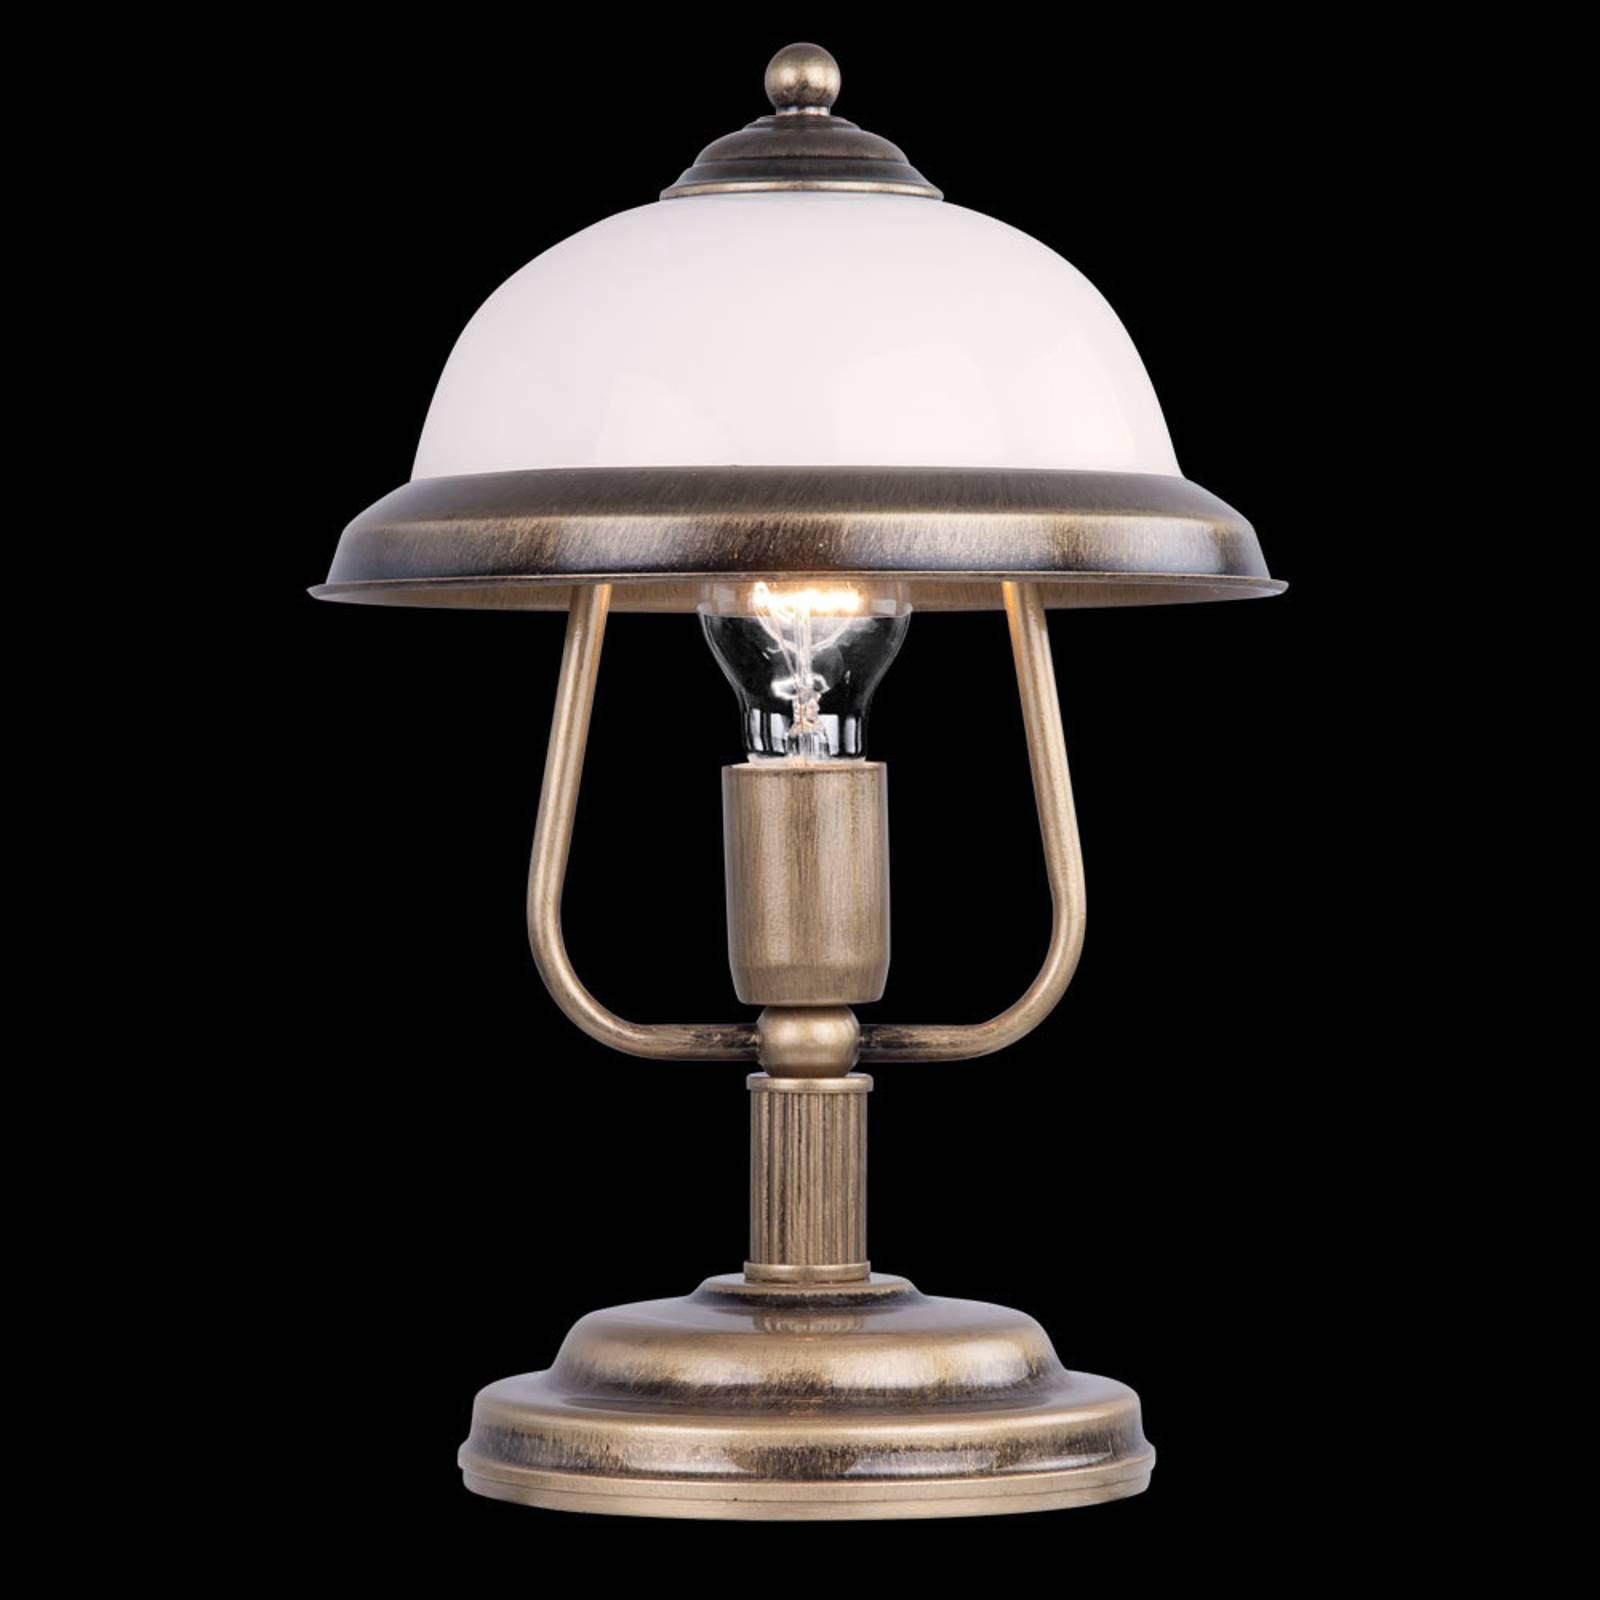 Tafellamp Torio in antiek ontwerp, hoogte 36 cm